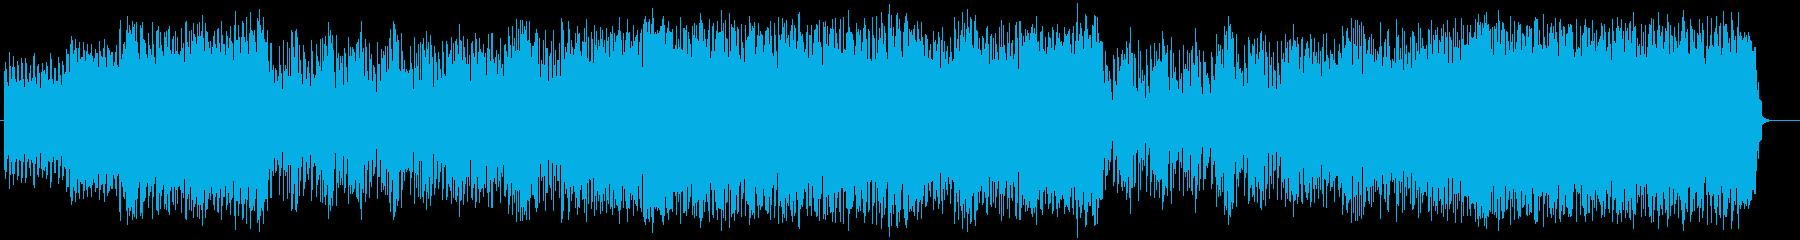 疾走感とワクワク感ギターシンセサウンドの再生済みの波形